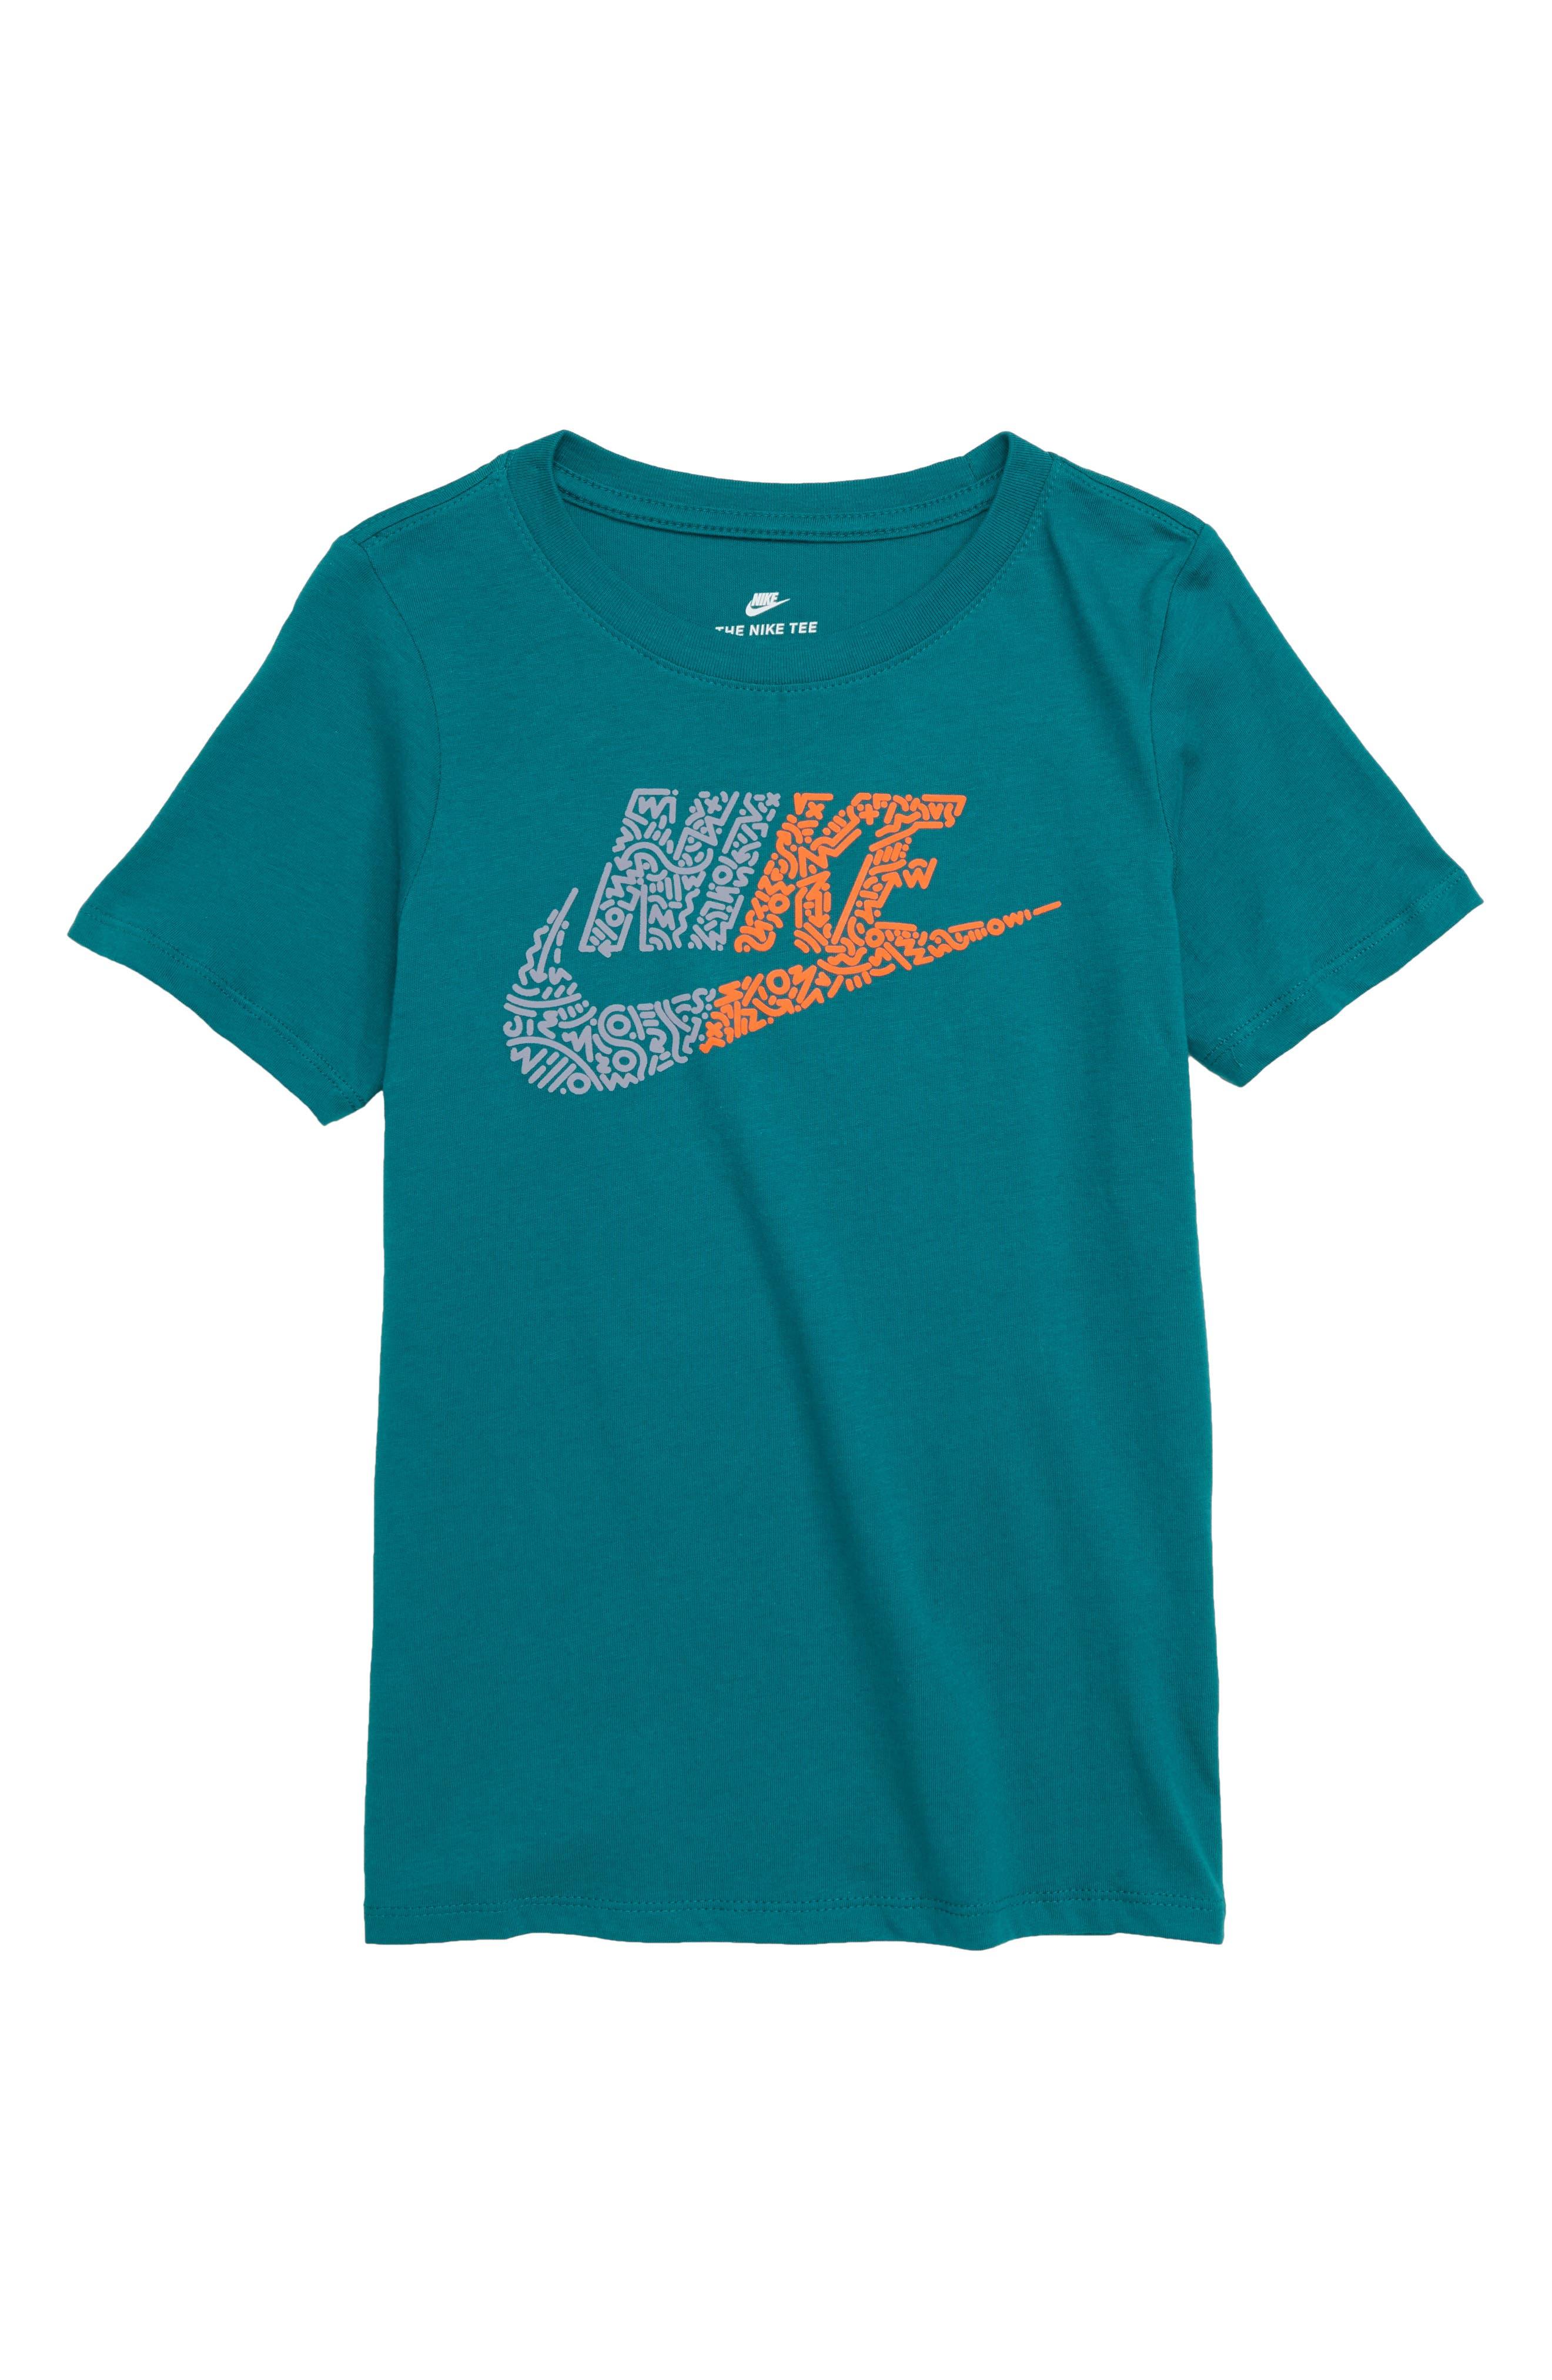 Sportswear Futura T-Shirt,                         Main,                         color, GEODE TEAL/ ASHEN SLATE